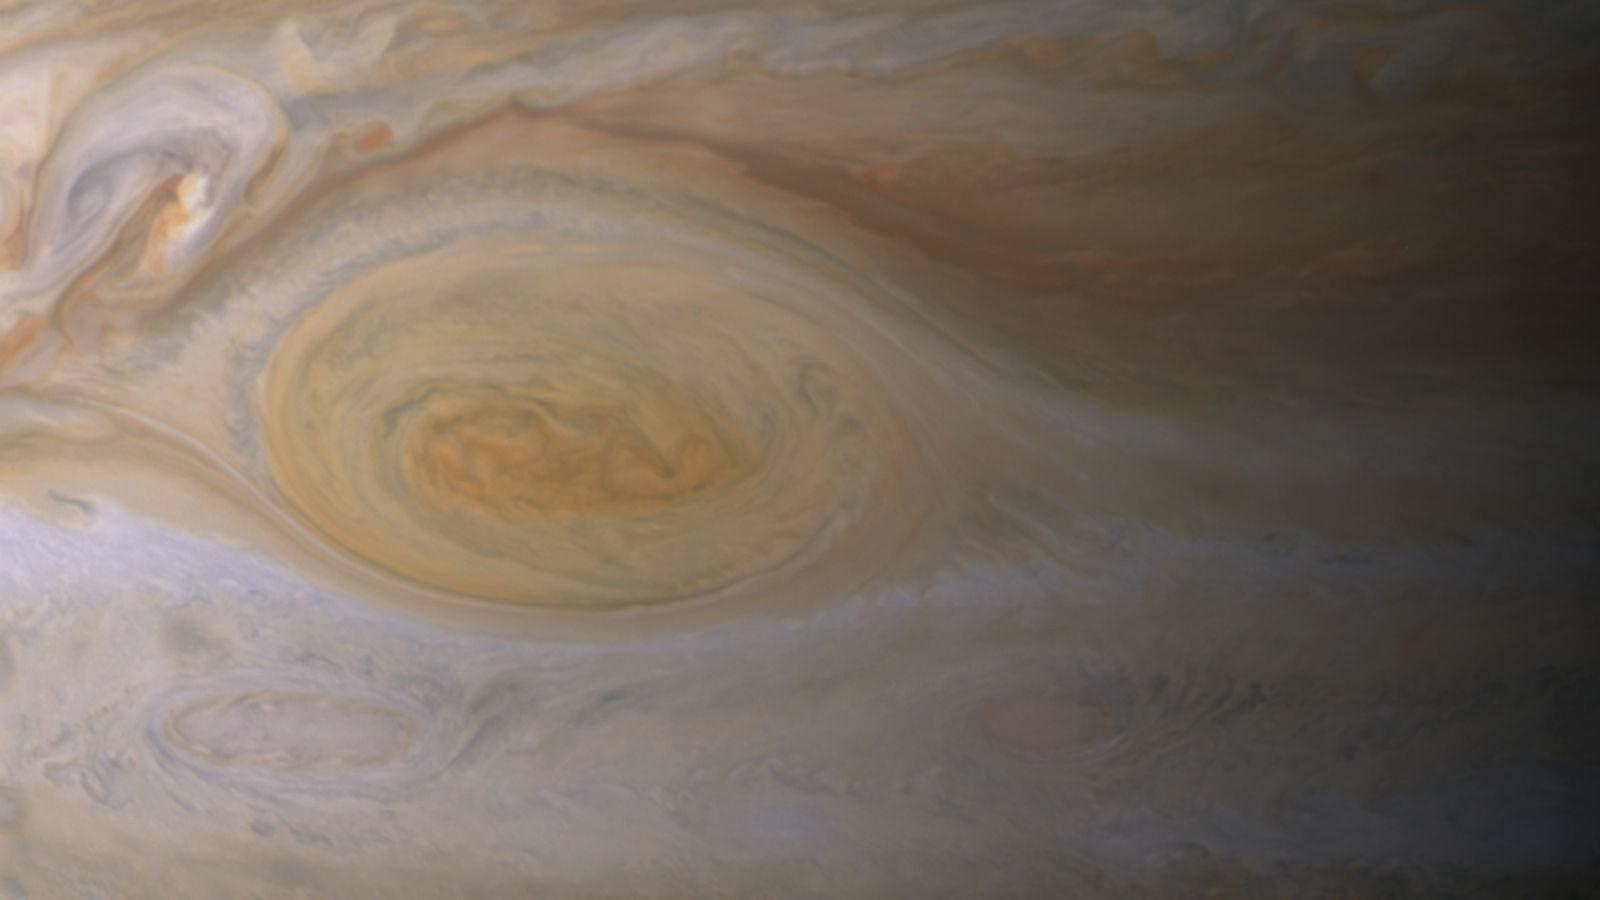 На Юпитере обнаружили красное пятно, которое может быть причиной солнечного воздействия (3 фото)